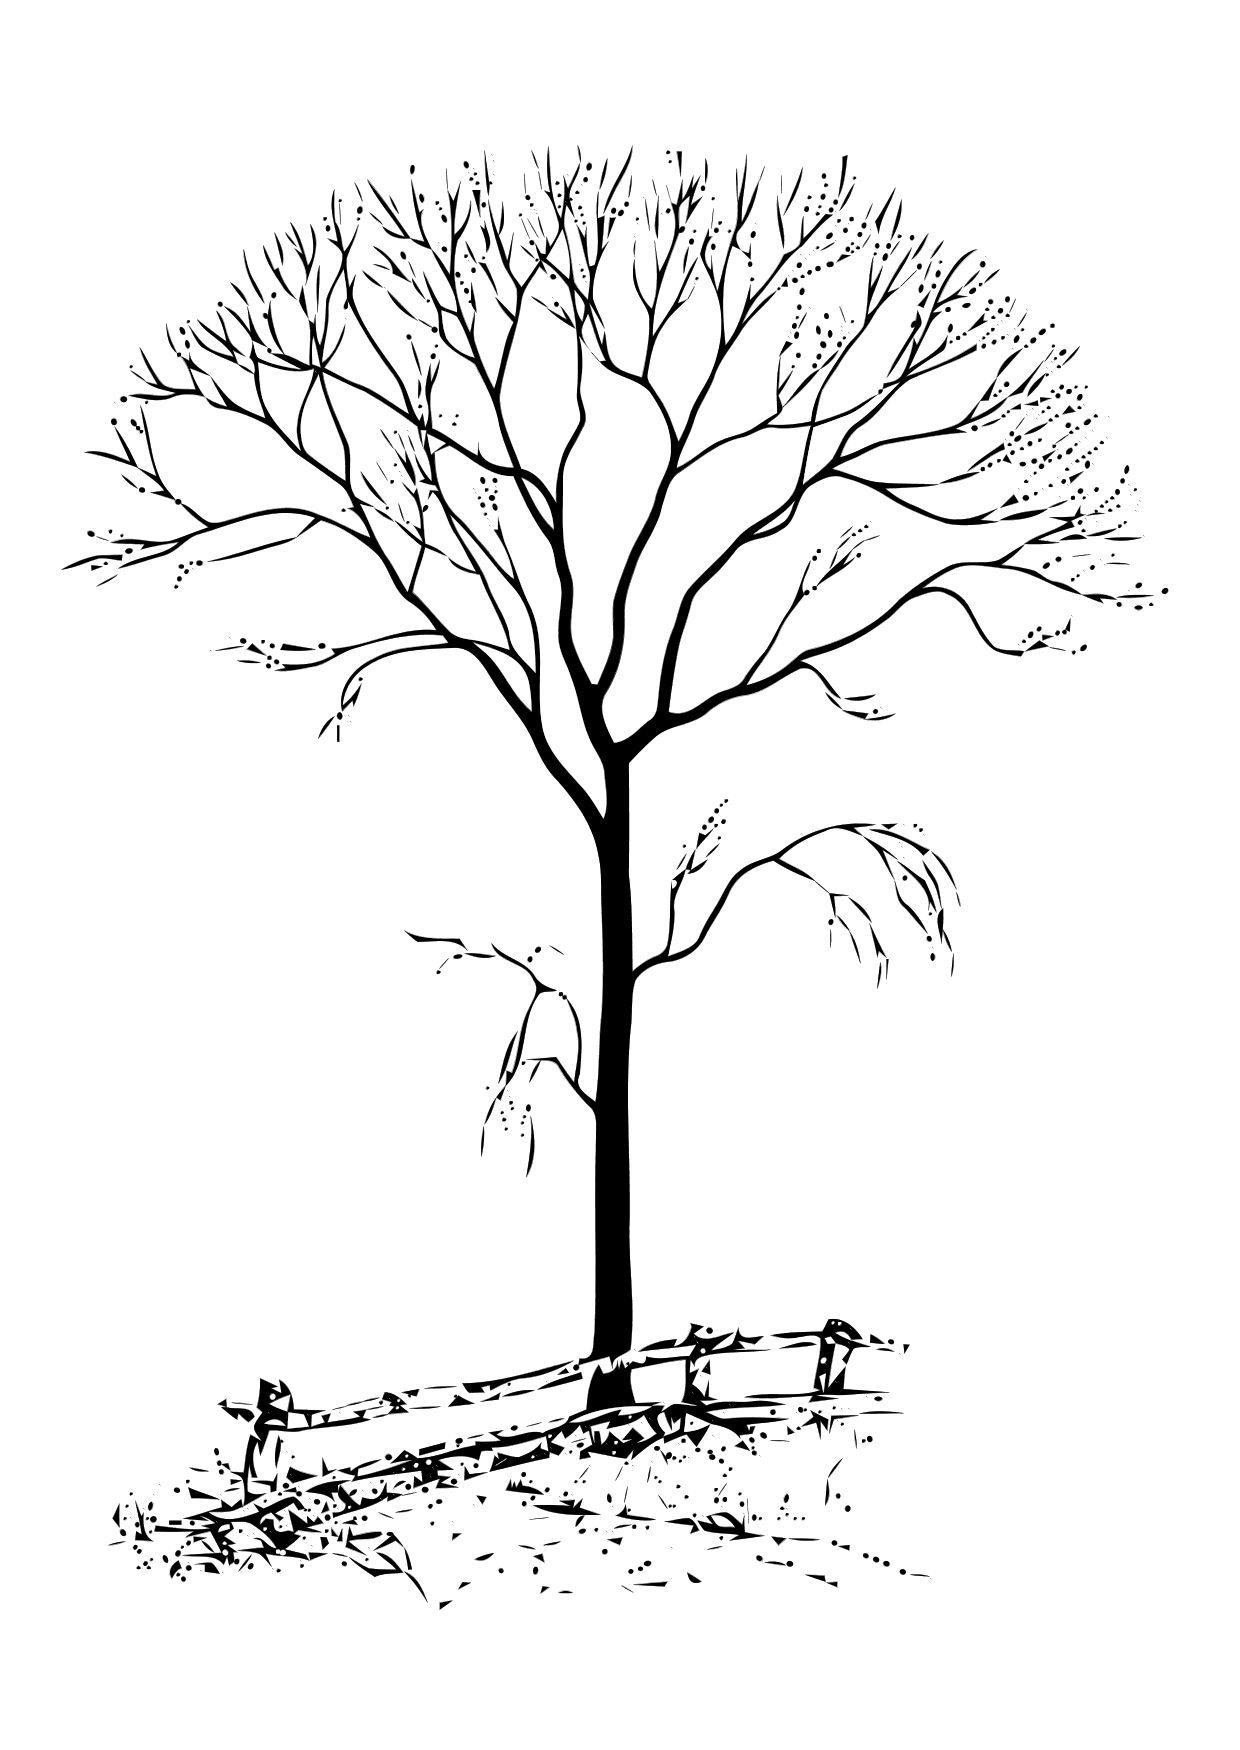 Disegno da colorare albero spoglio